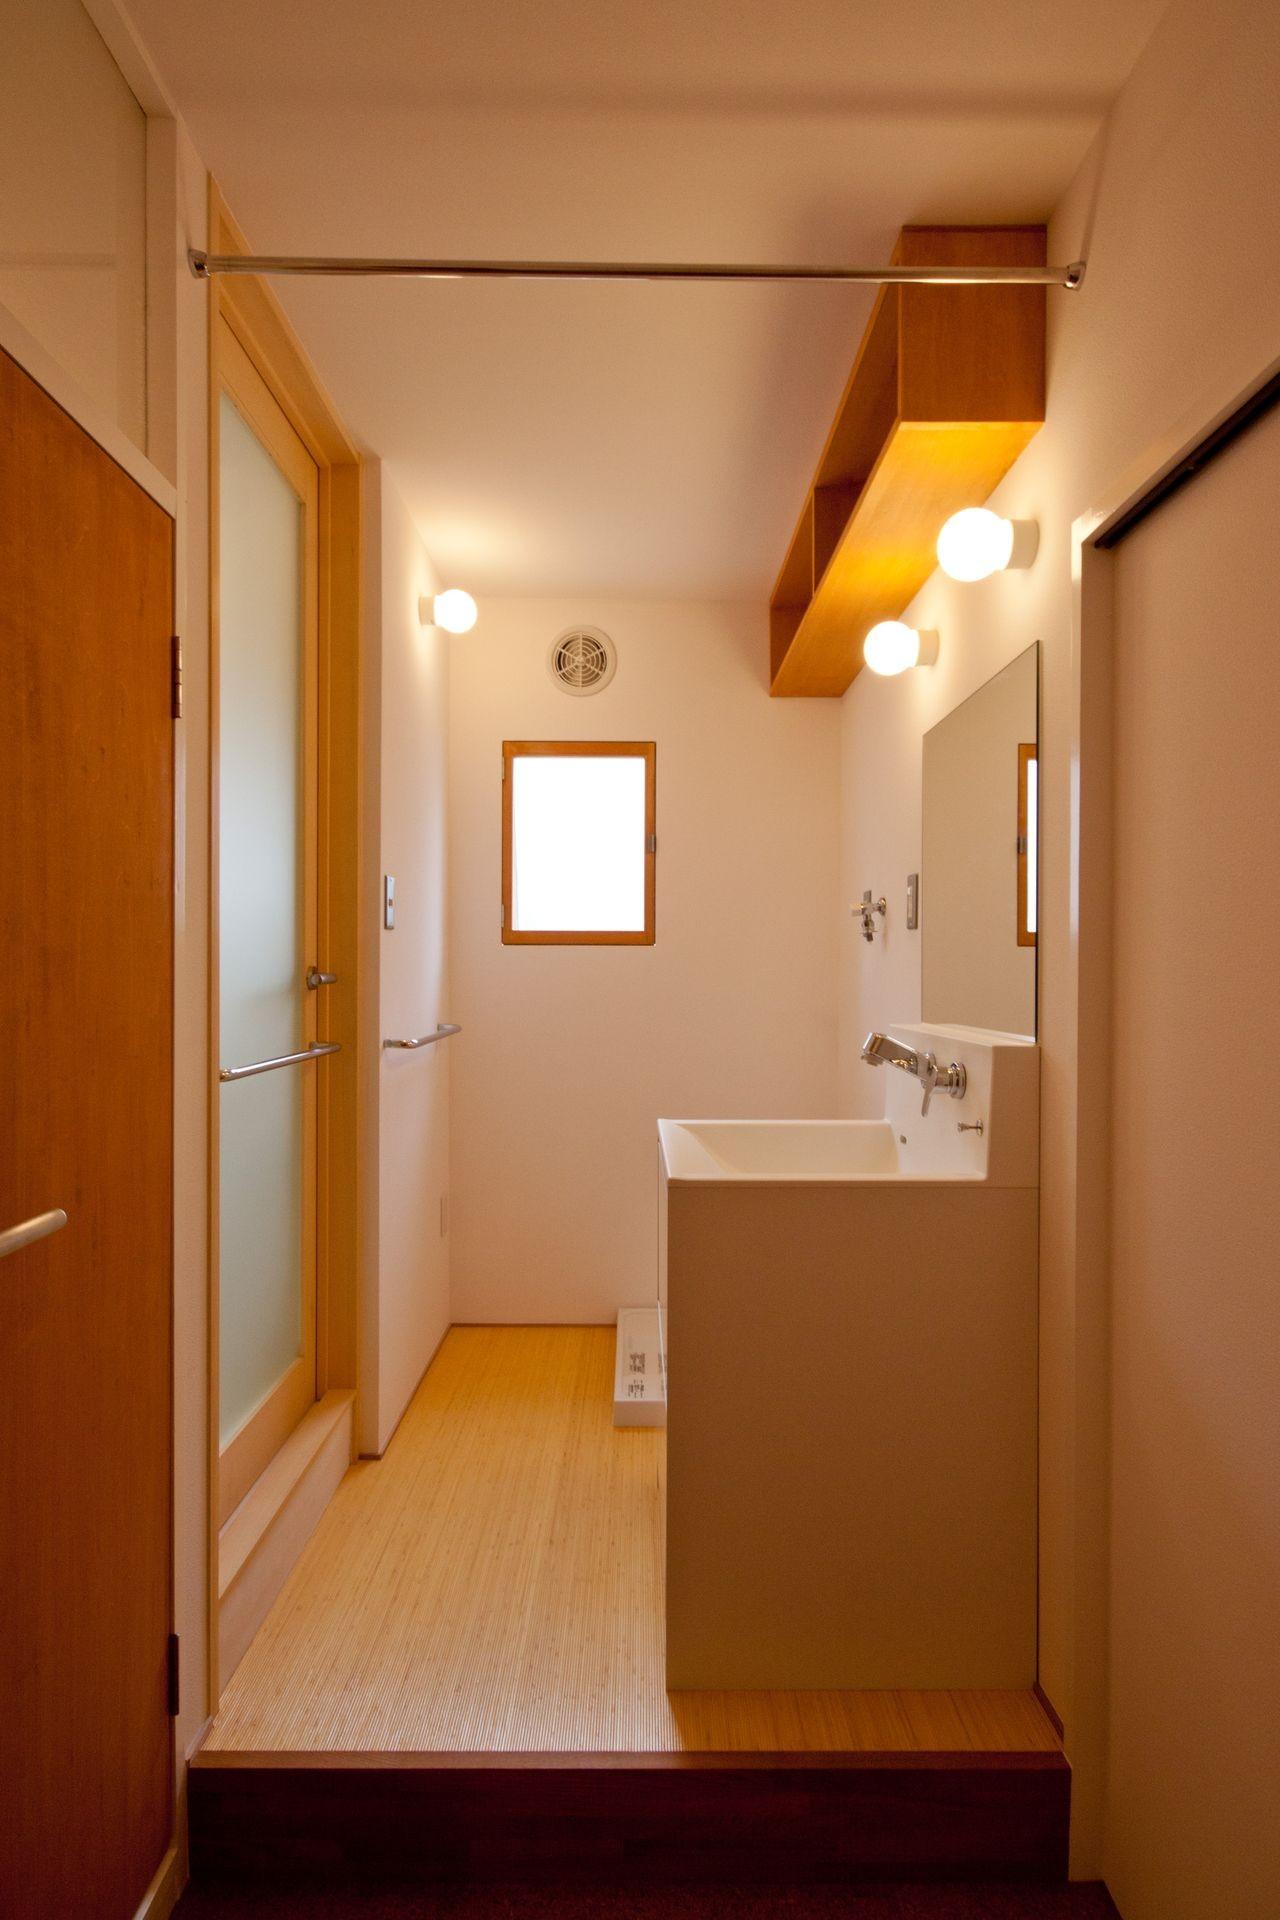 竹の台団地のアトリエ 京都府長岡京市の団地リノベーション。暮らしとしごとが同居する住宅とアトリエ (洗面脱衣室)